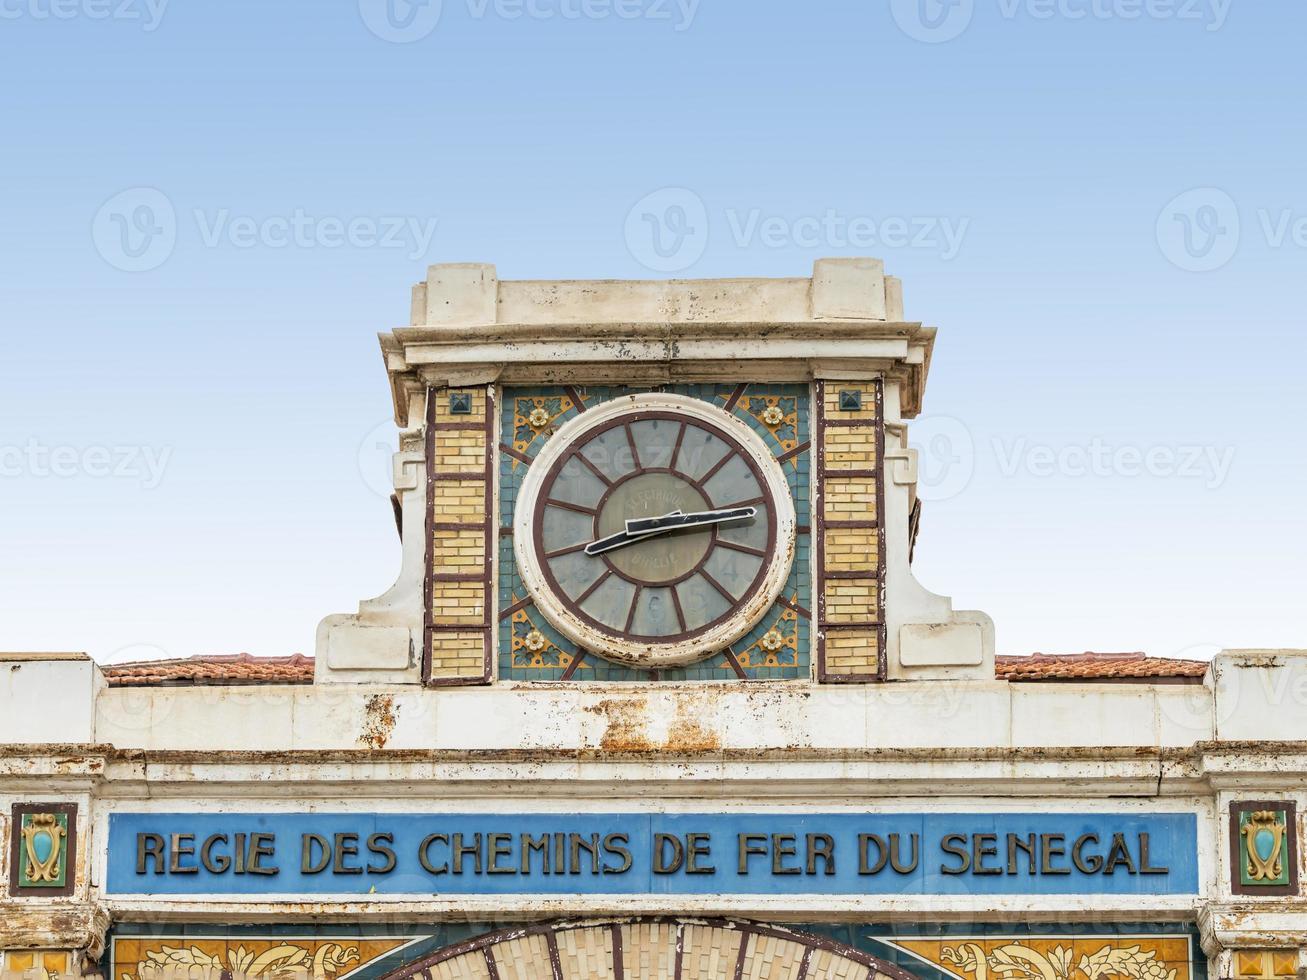 relógio, estação ferroviária abandonada de dakar, senegal, edifício colonial foto